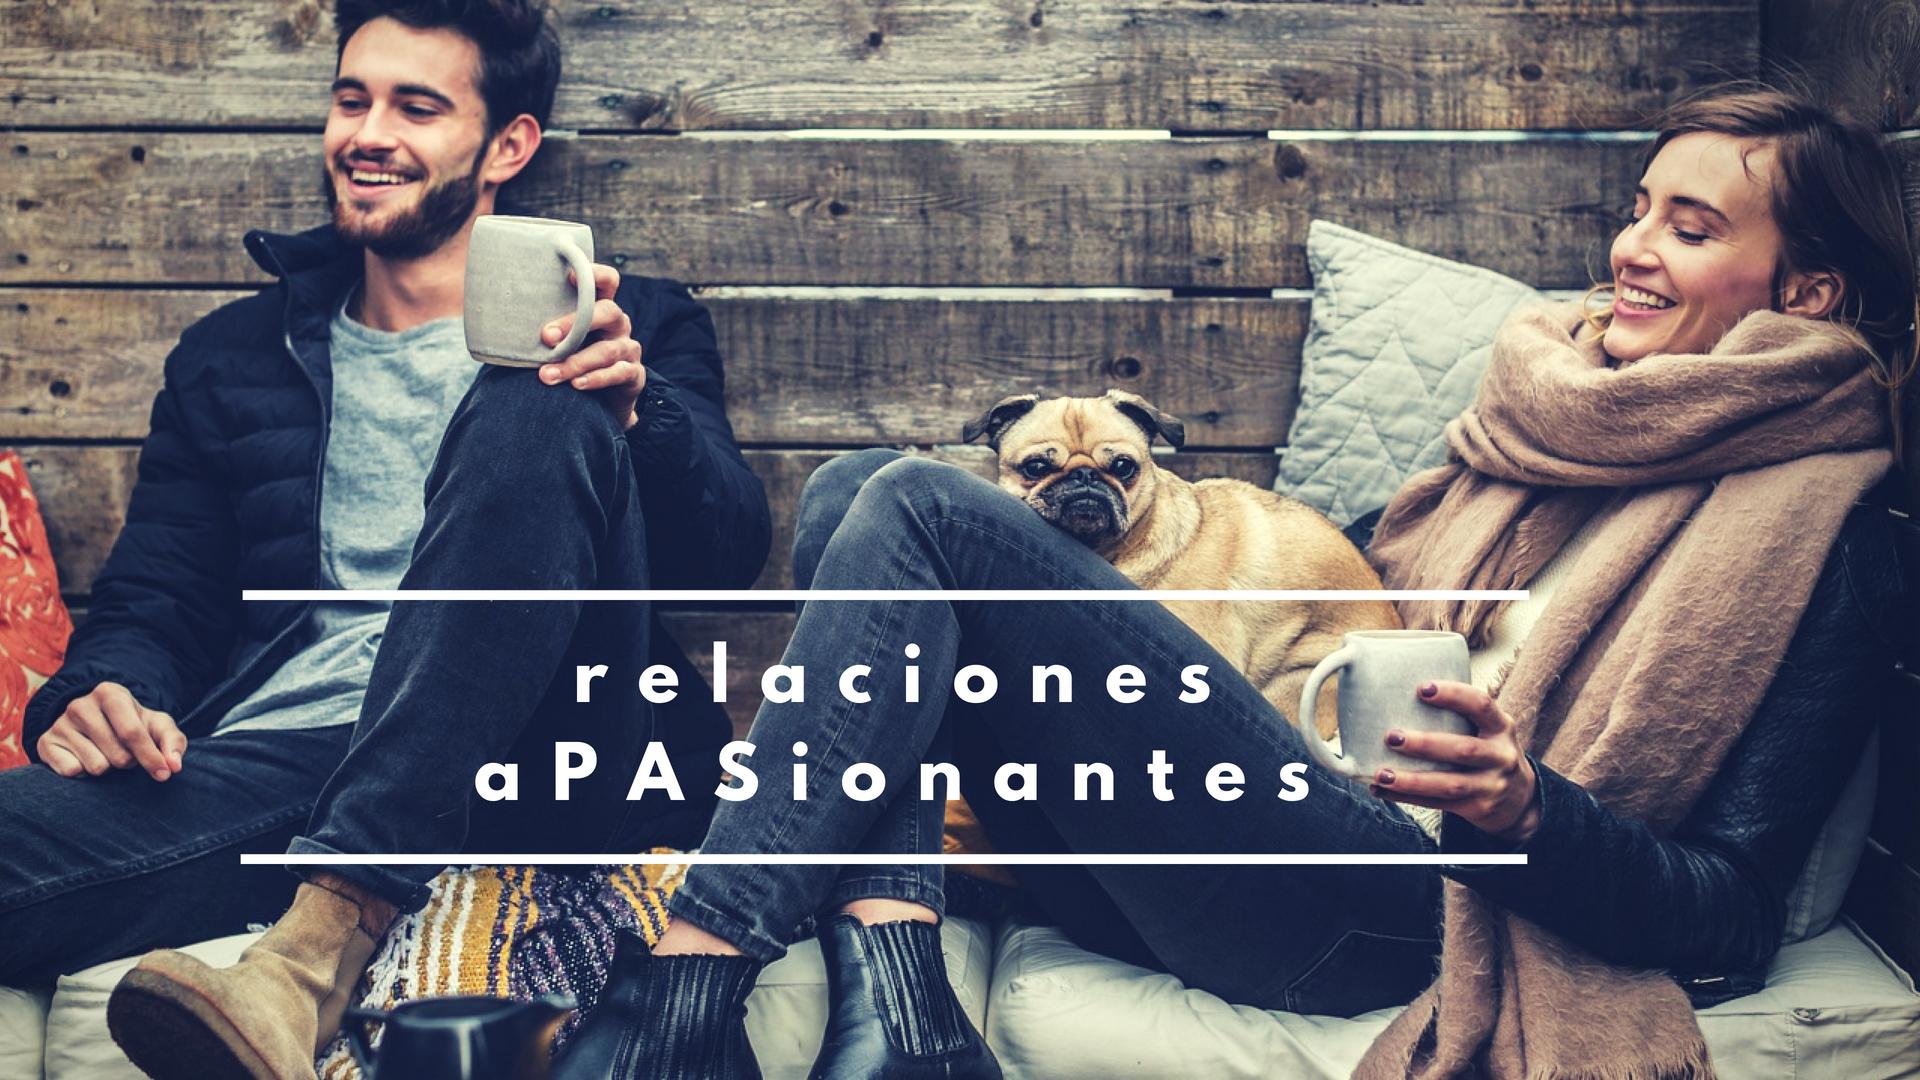 RELACIONES APASIONANTES-2